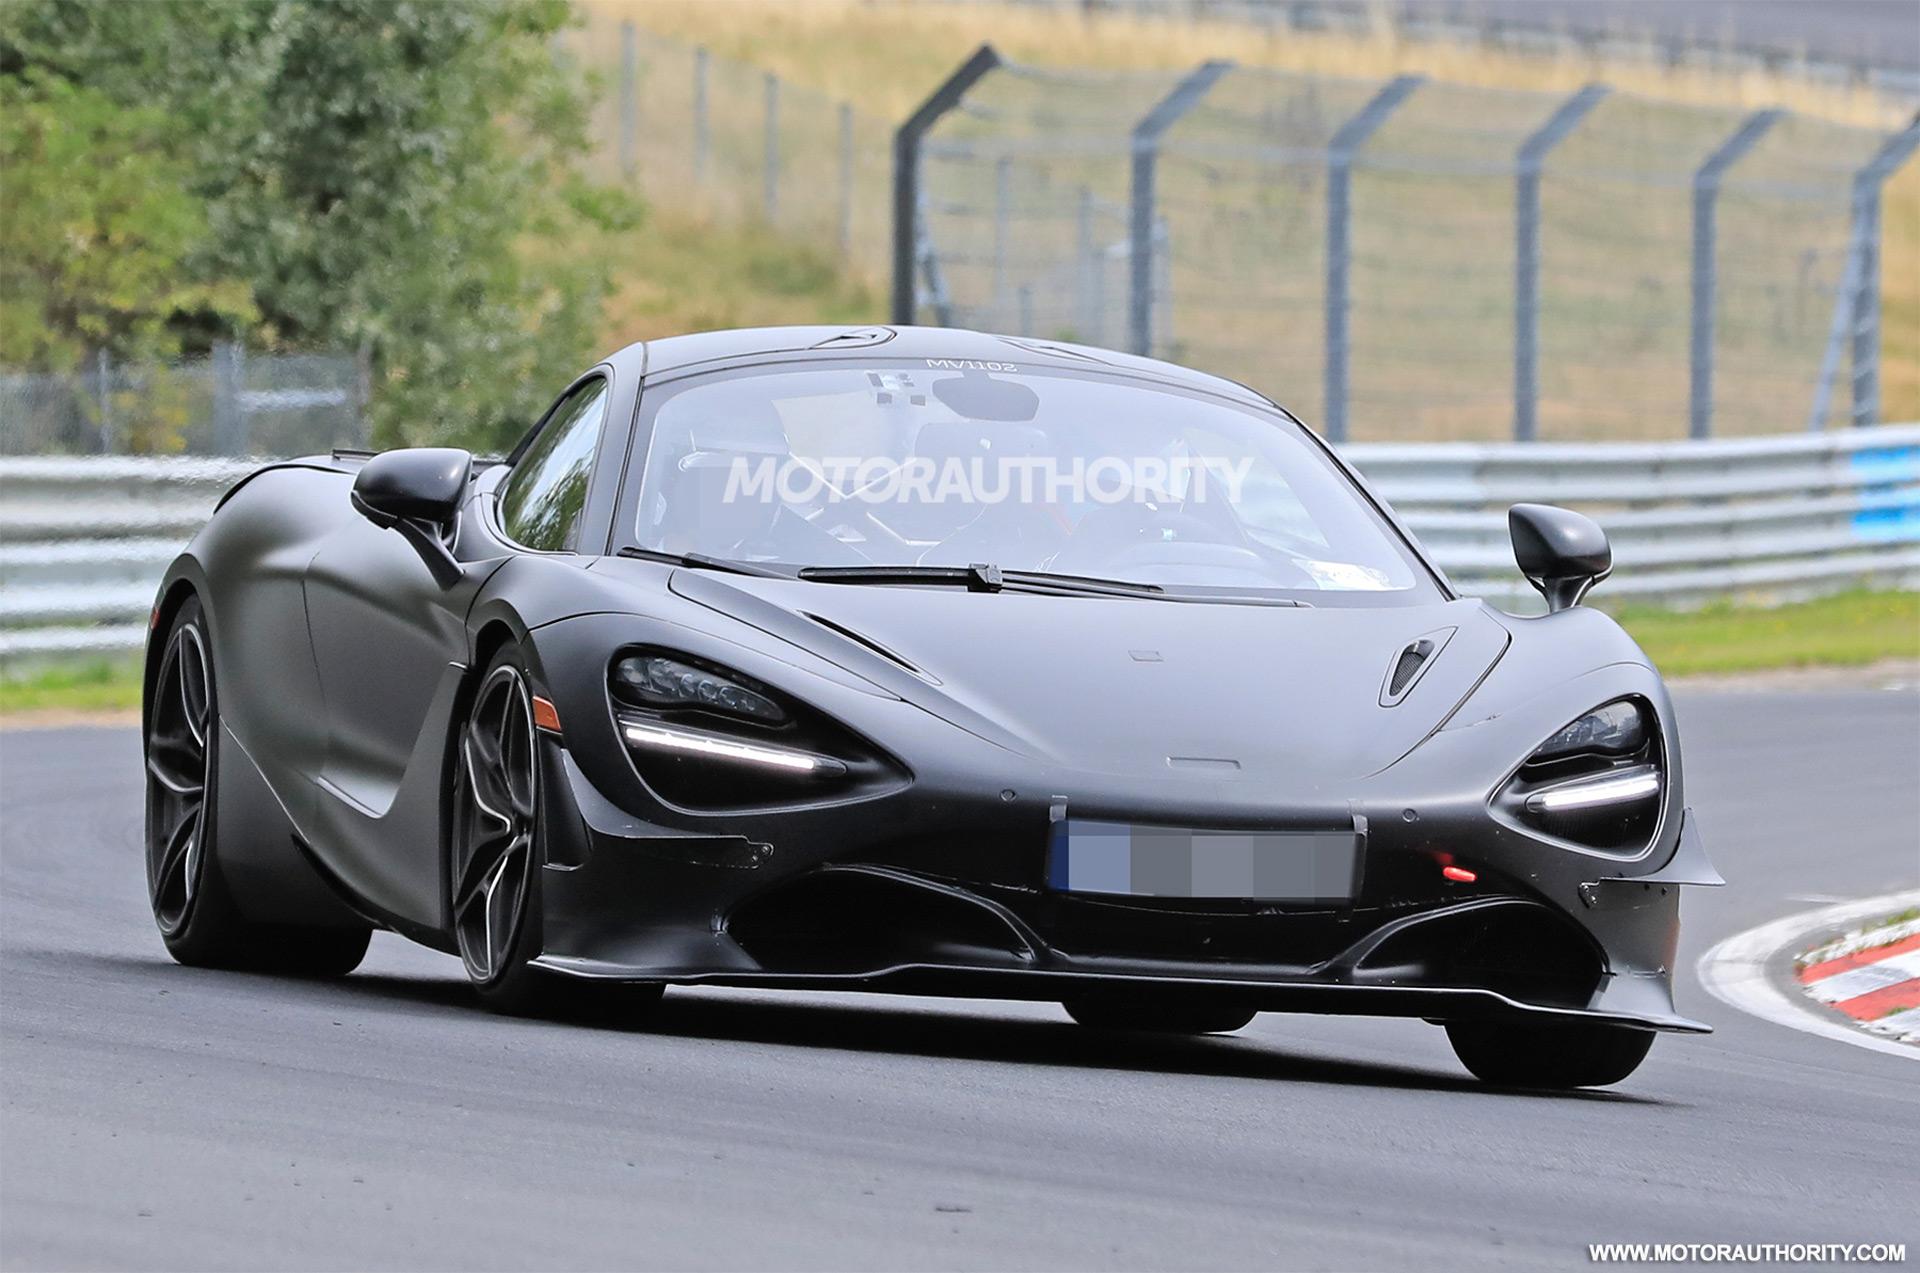 2021 McLaren 750LT spy shots